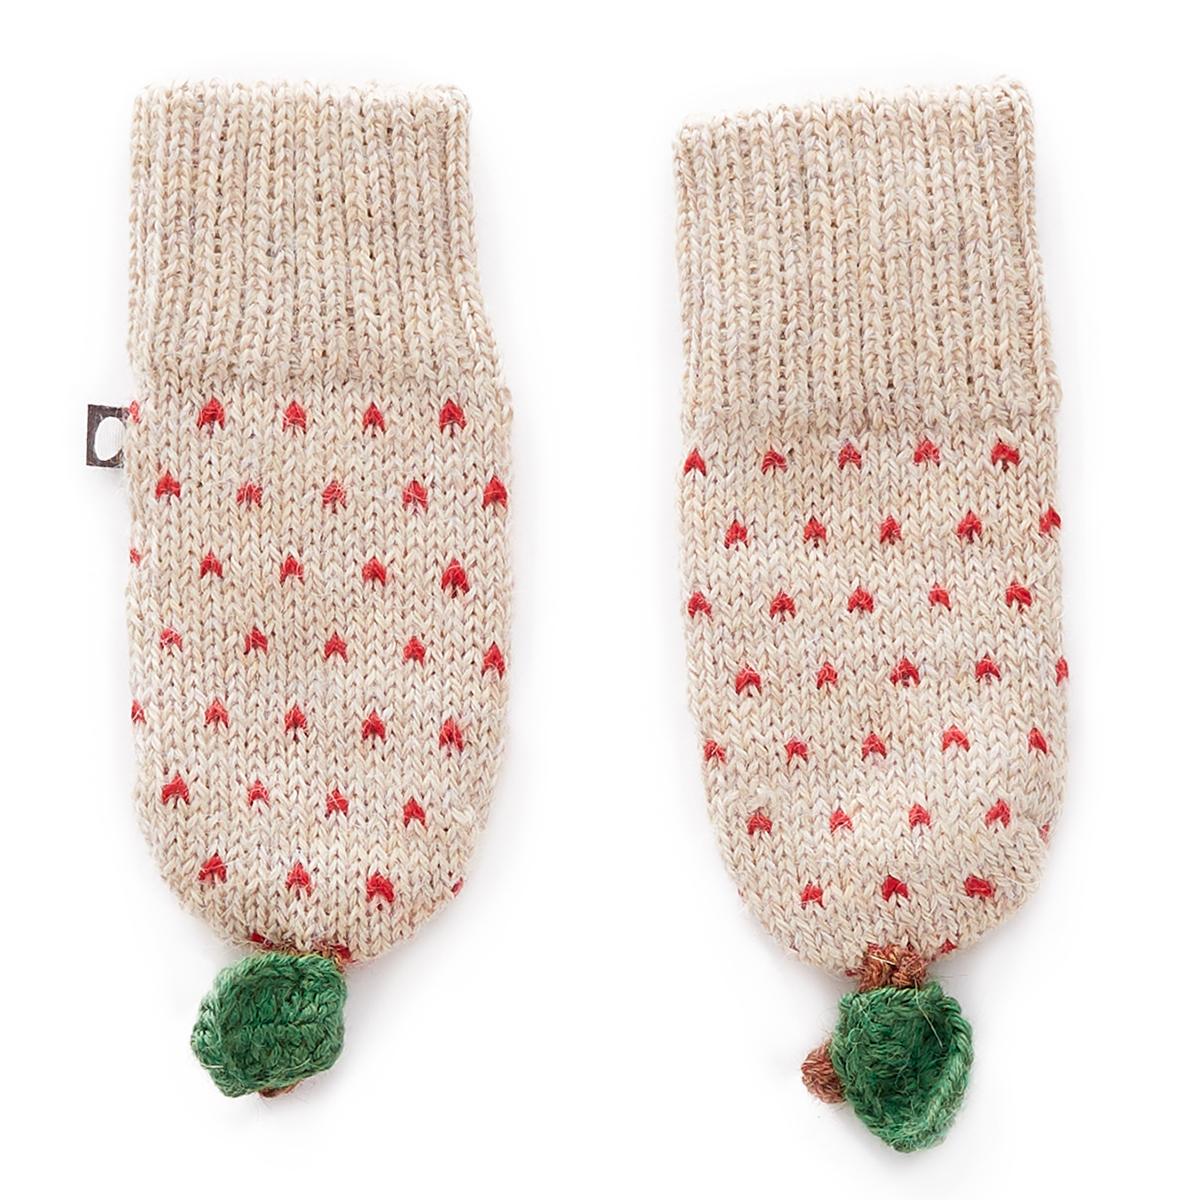 Accessoires Bébé Moufles Pomme à Pois Rouges Beige - 0/6 Mois Moufles Pomme à Pois Rouges Beige - 0/6 Mois